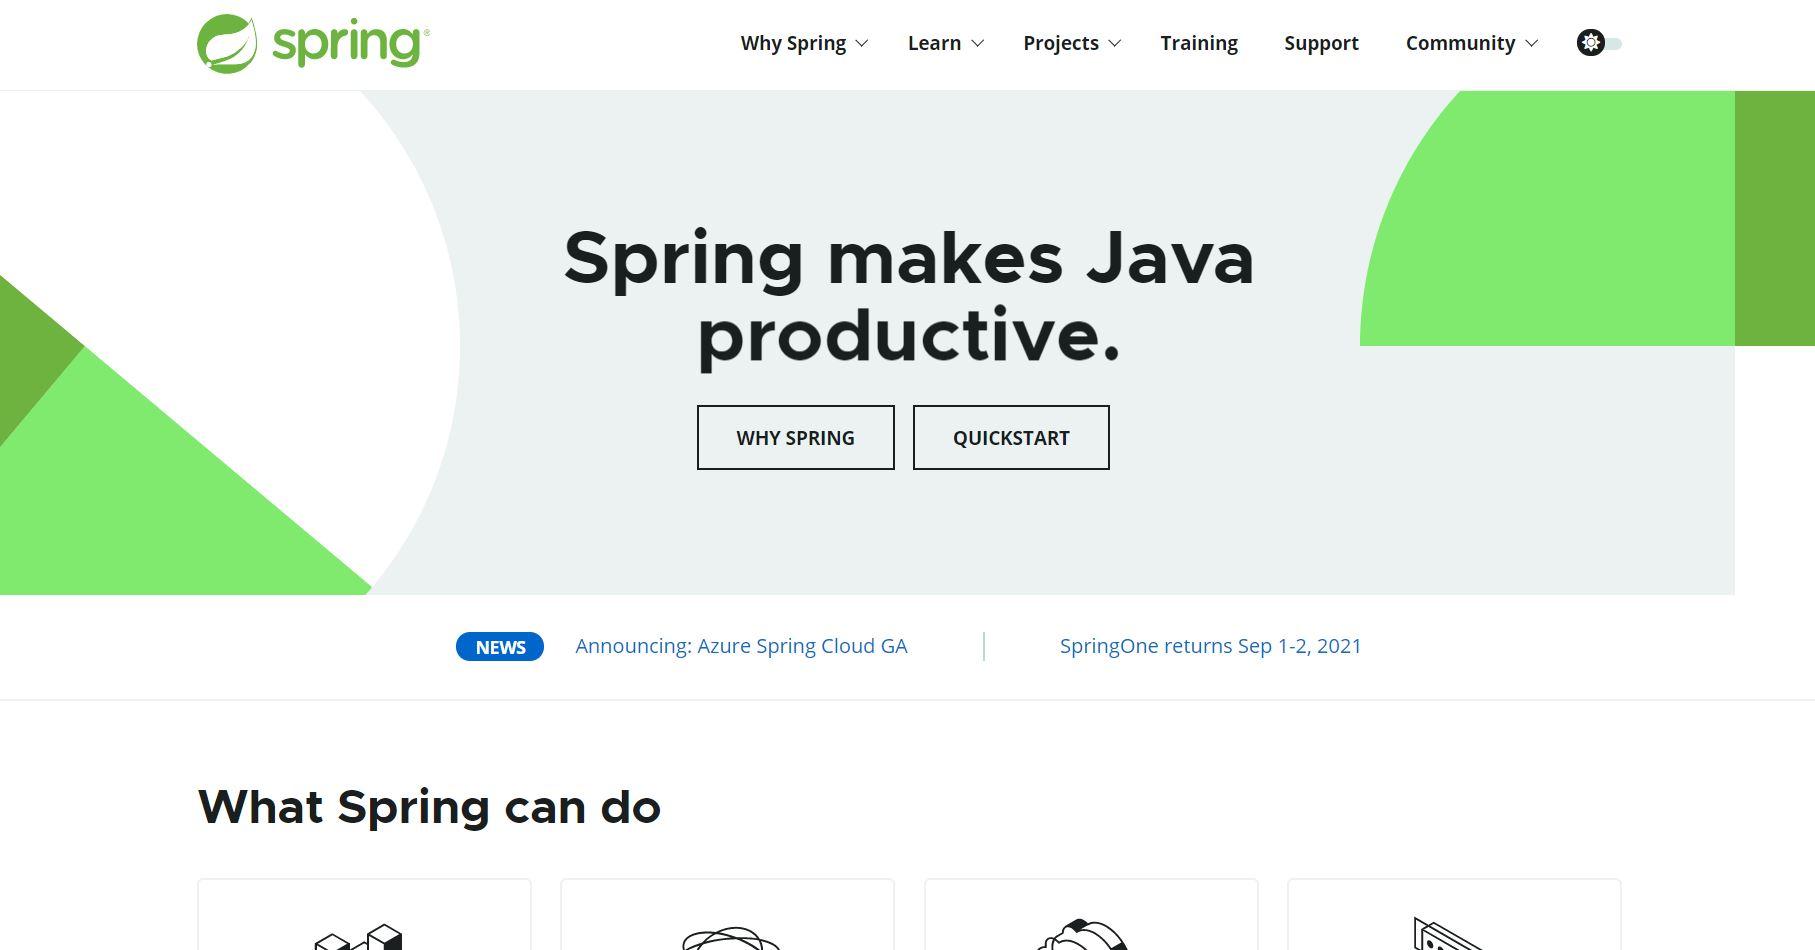 Spring landing page